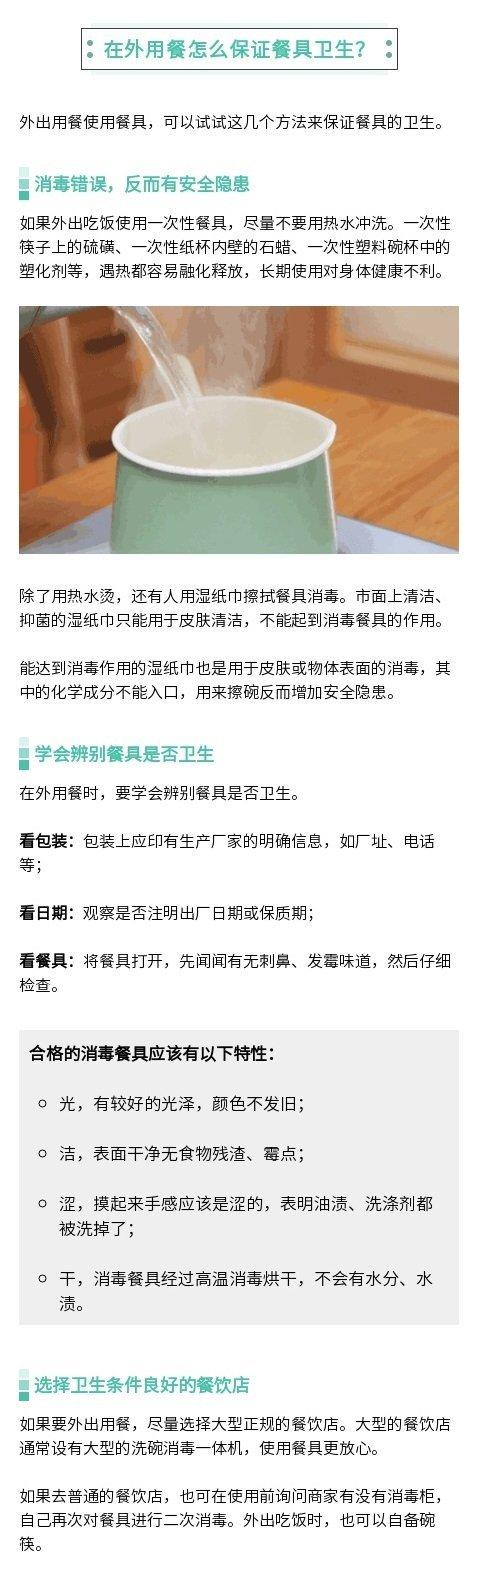 图片[1]-热水烫餐具能杀菌吗?-itotii